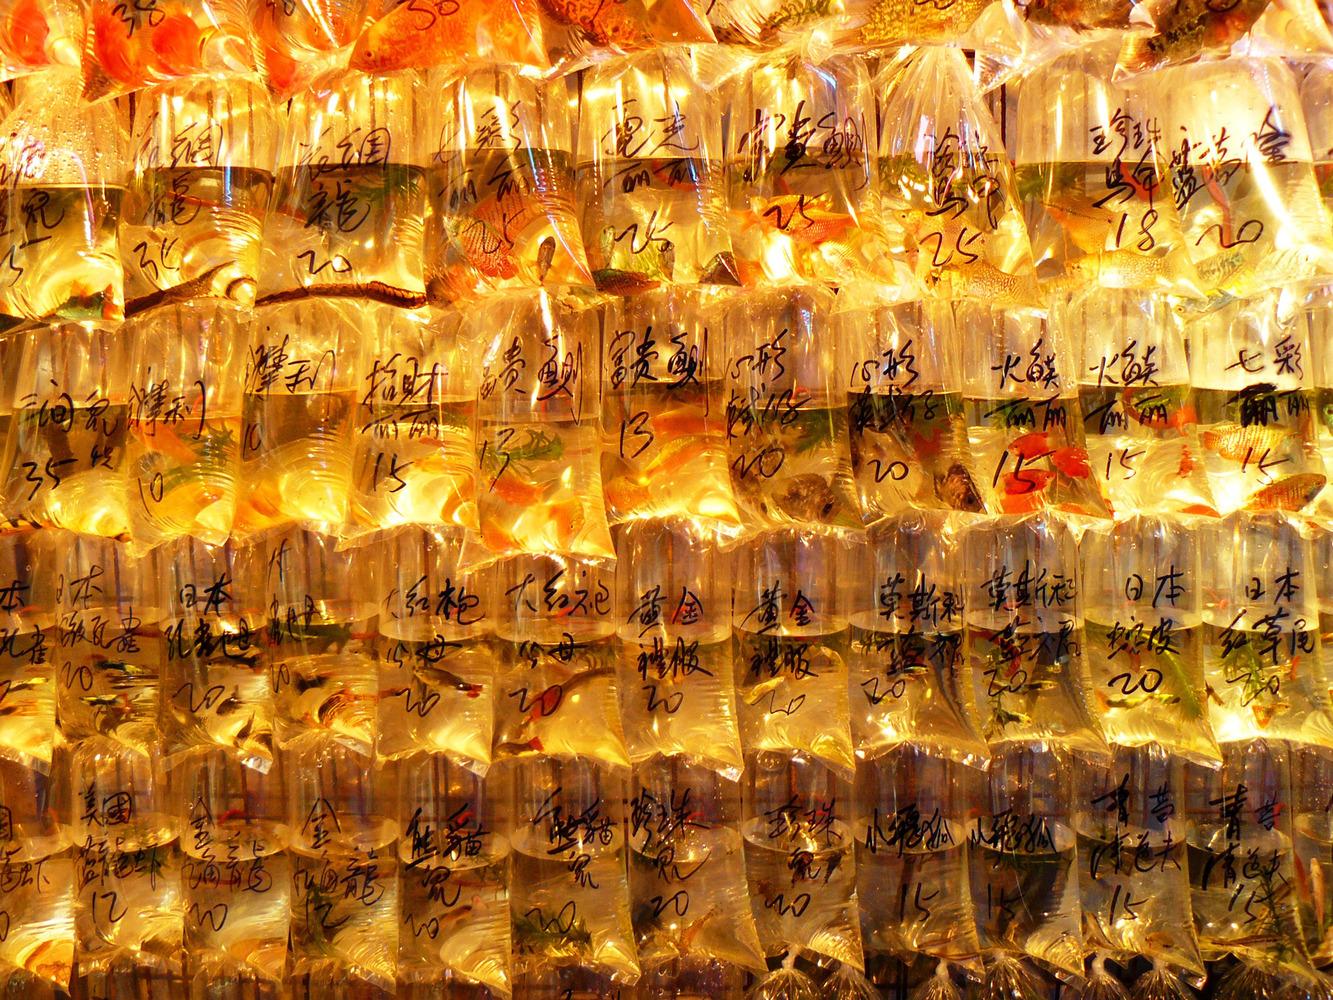 mercado peces hong Kong (11)